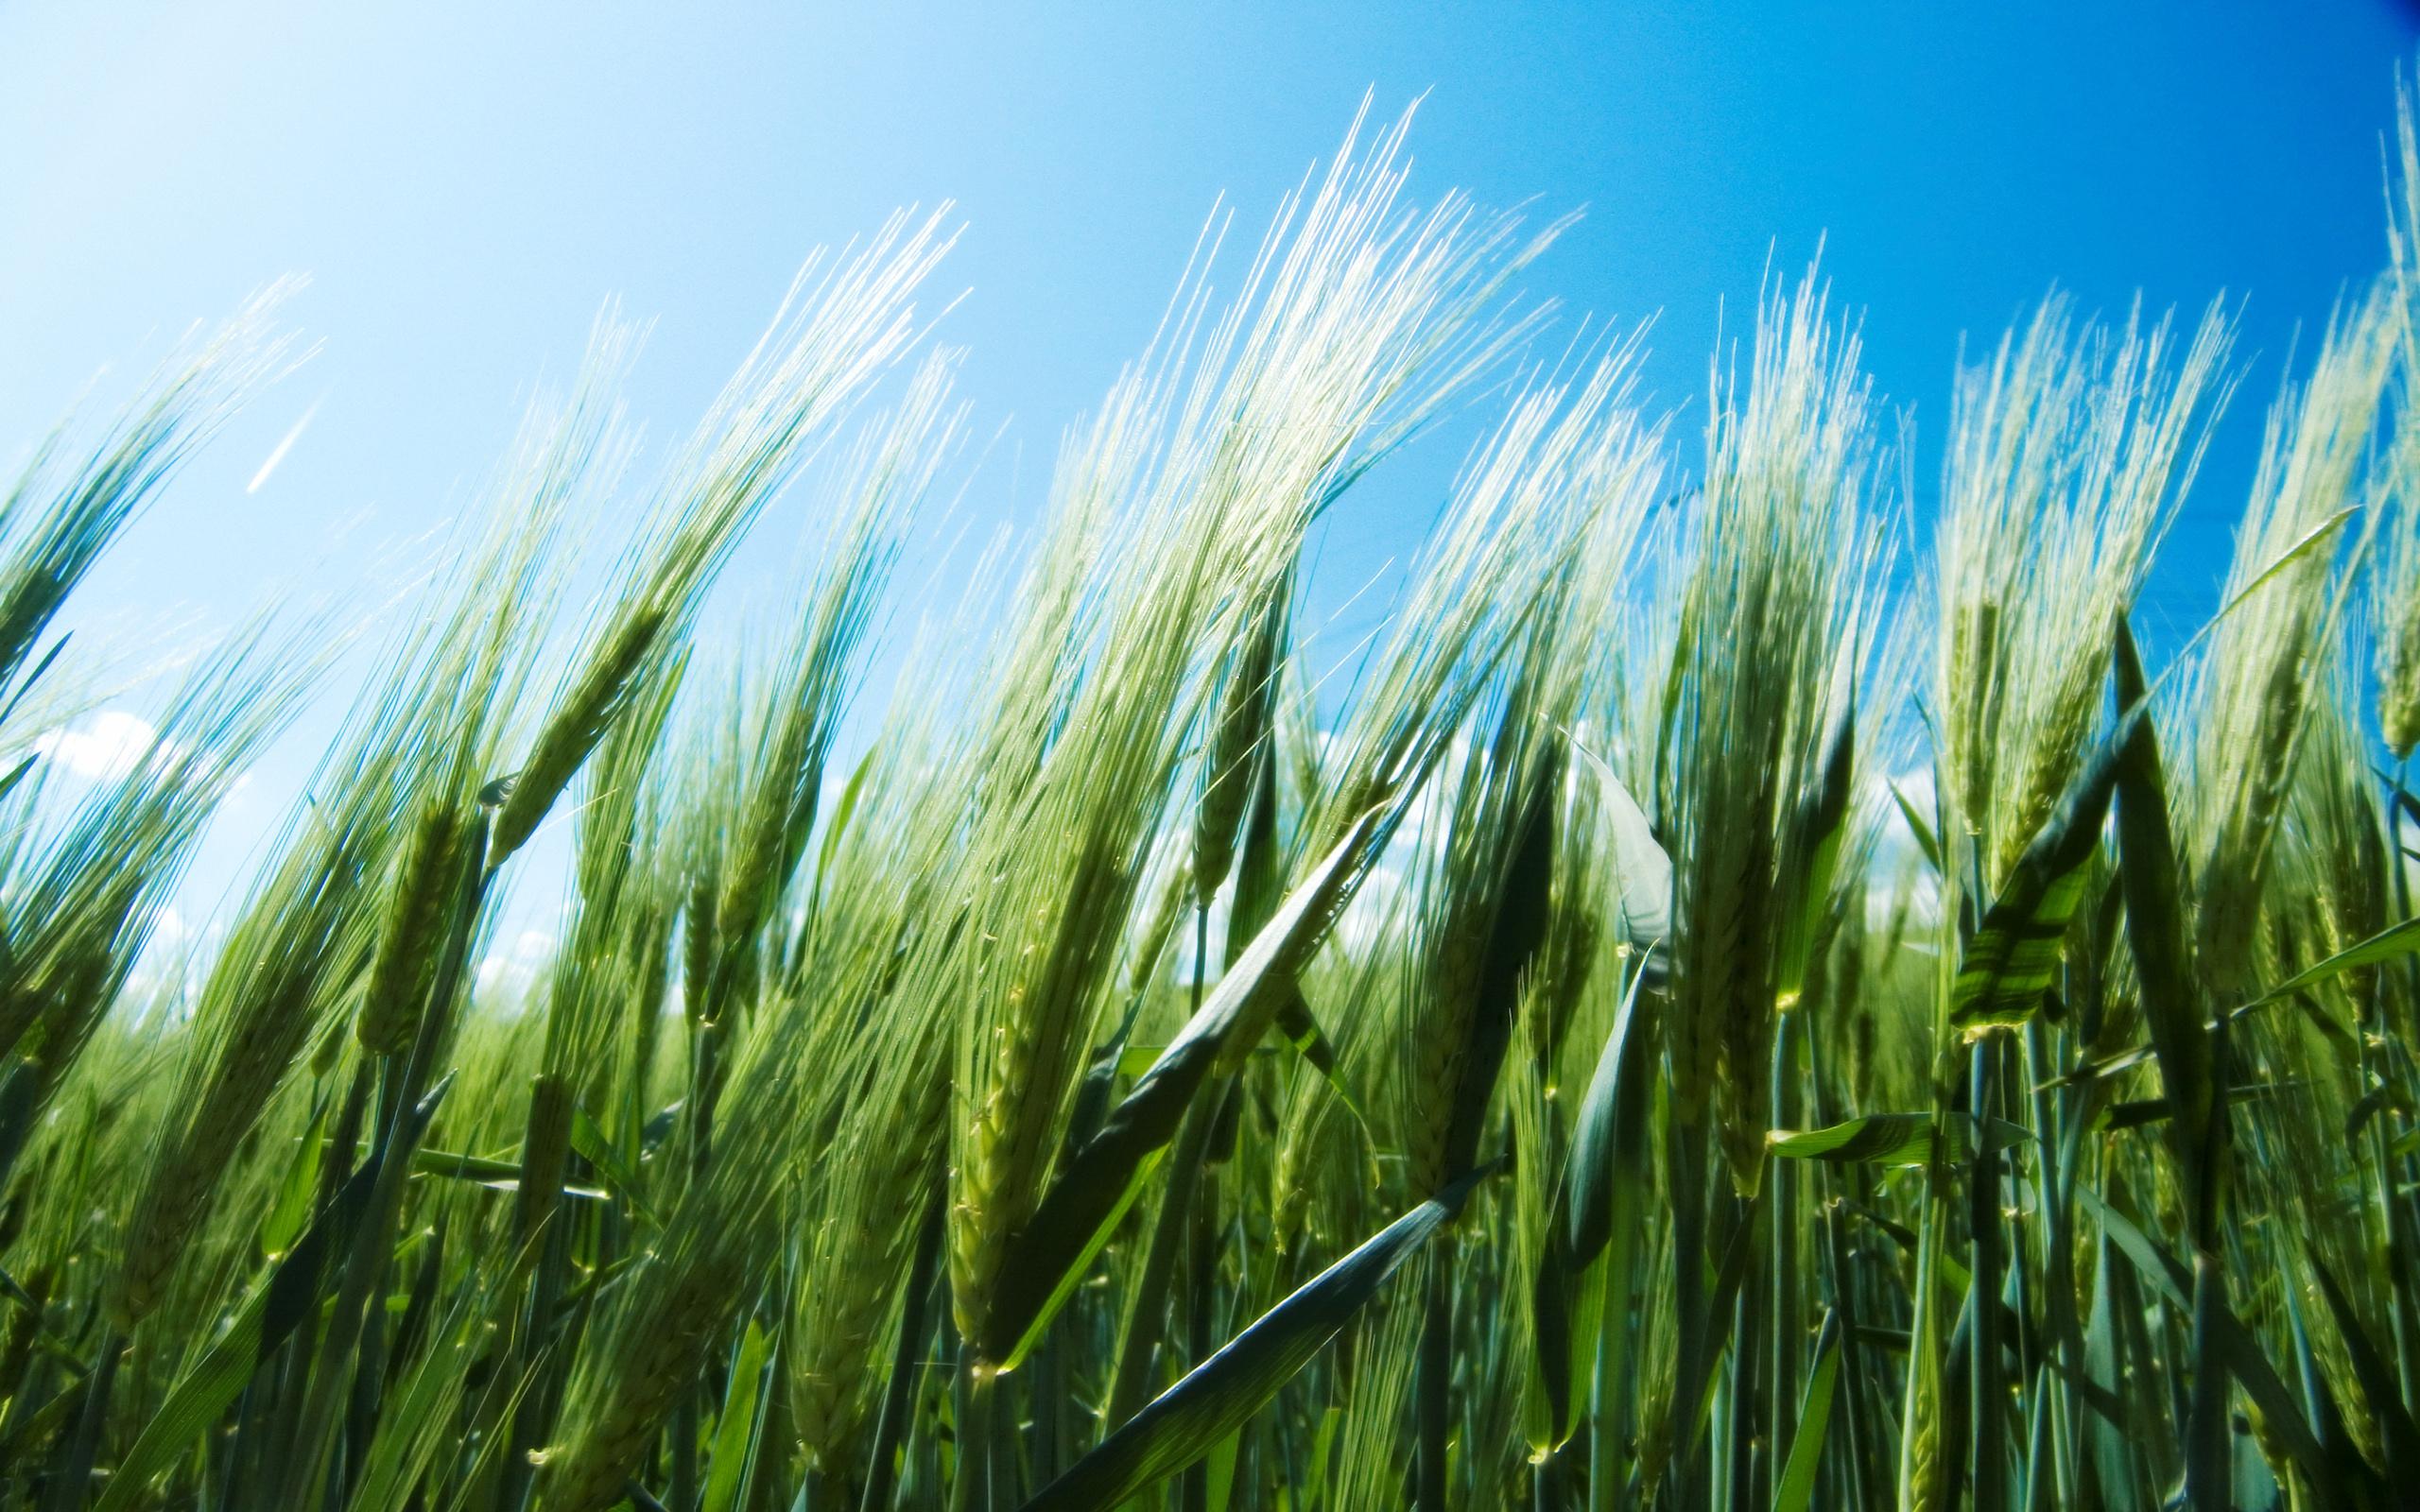 Зеленая пшеница  № 2559116  скачать